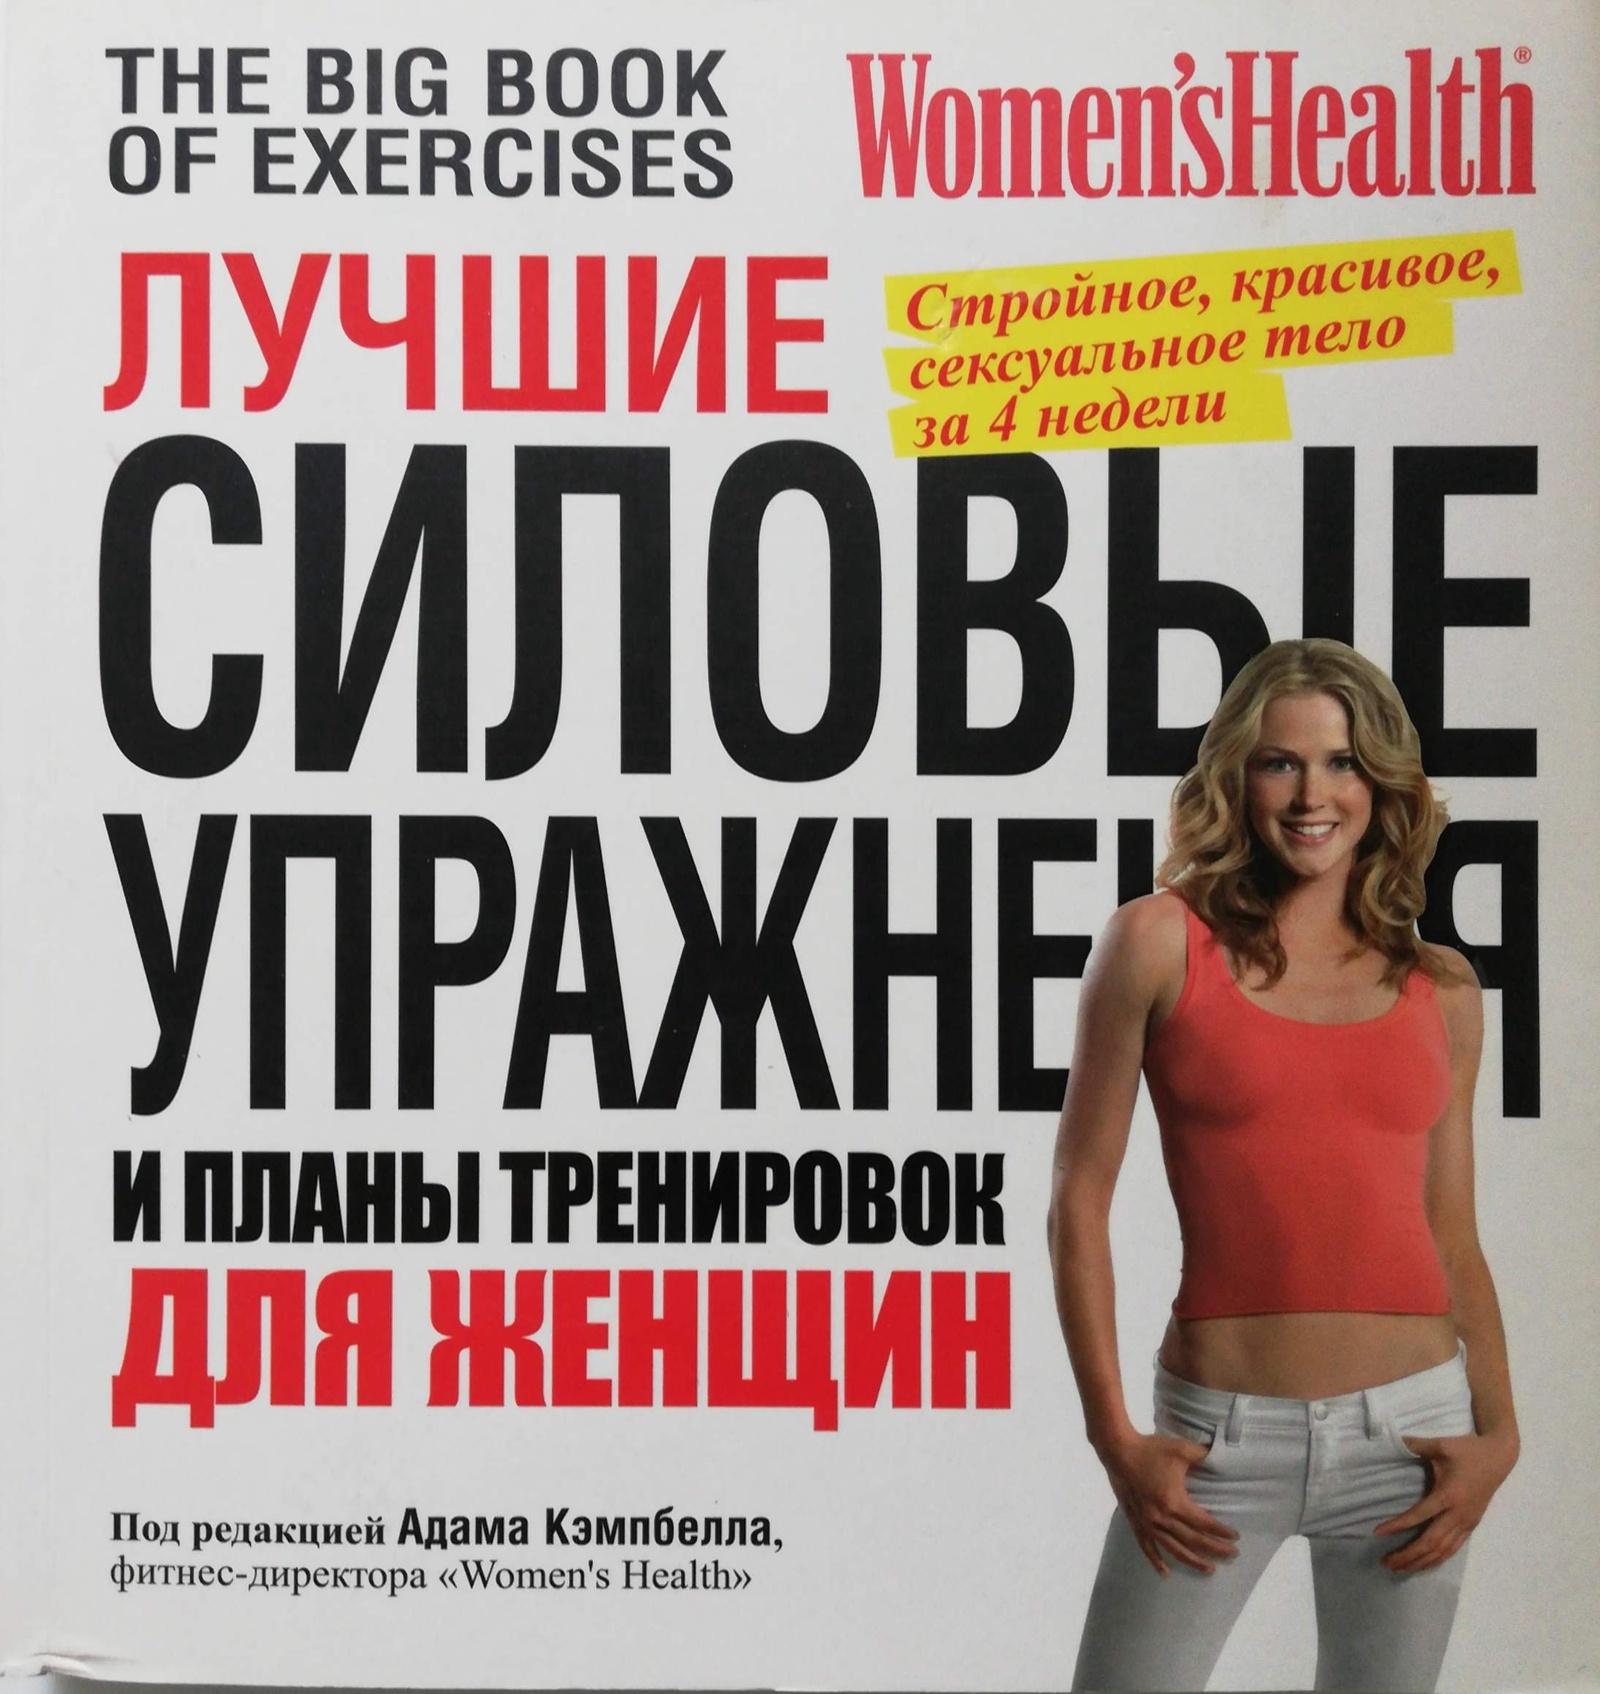 Кэмпбелл Адам (ред.) Лучшие силовые упражнения и планы тренировок для женщин